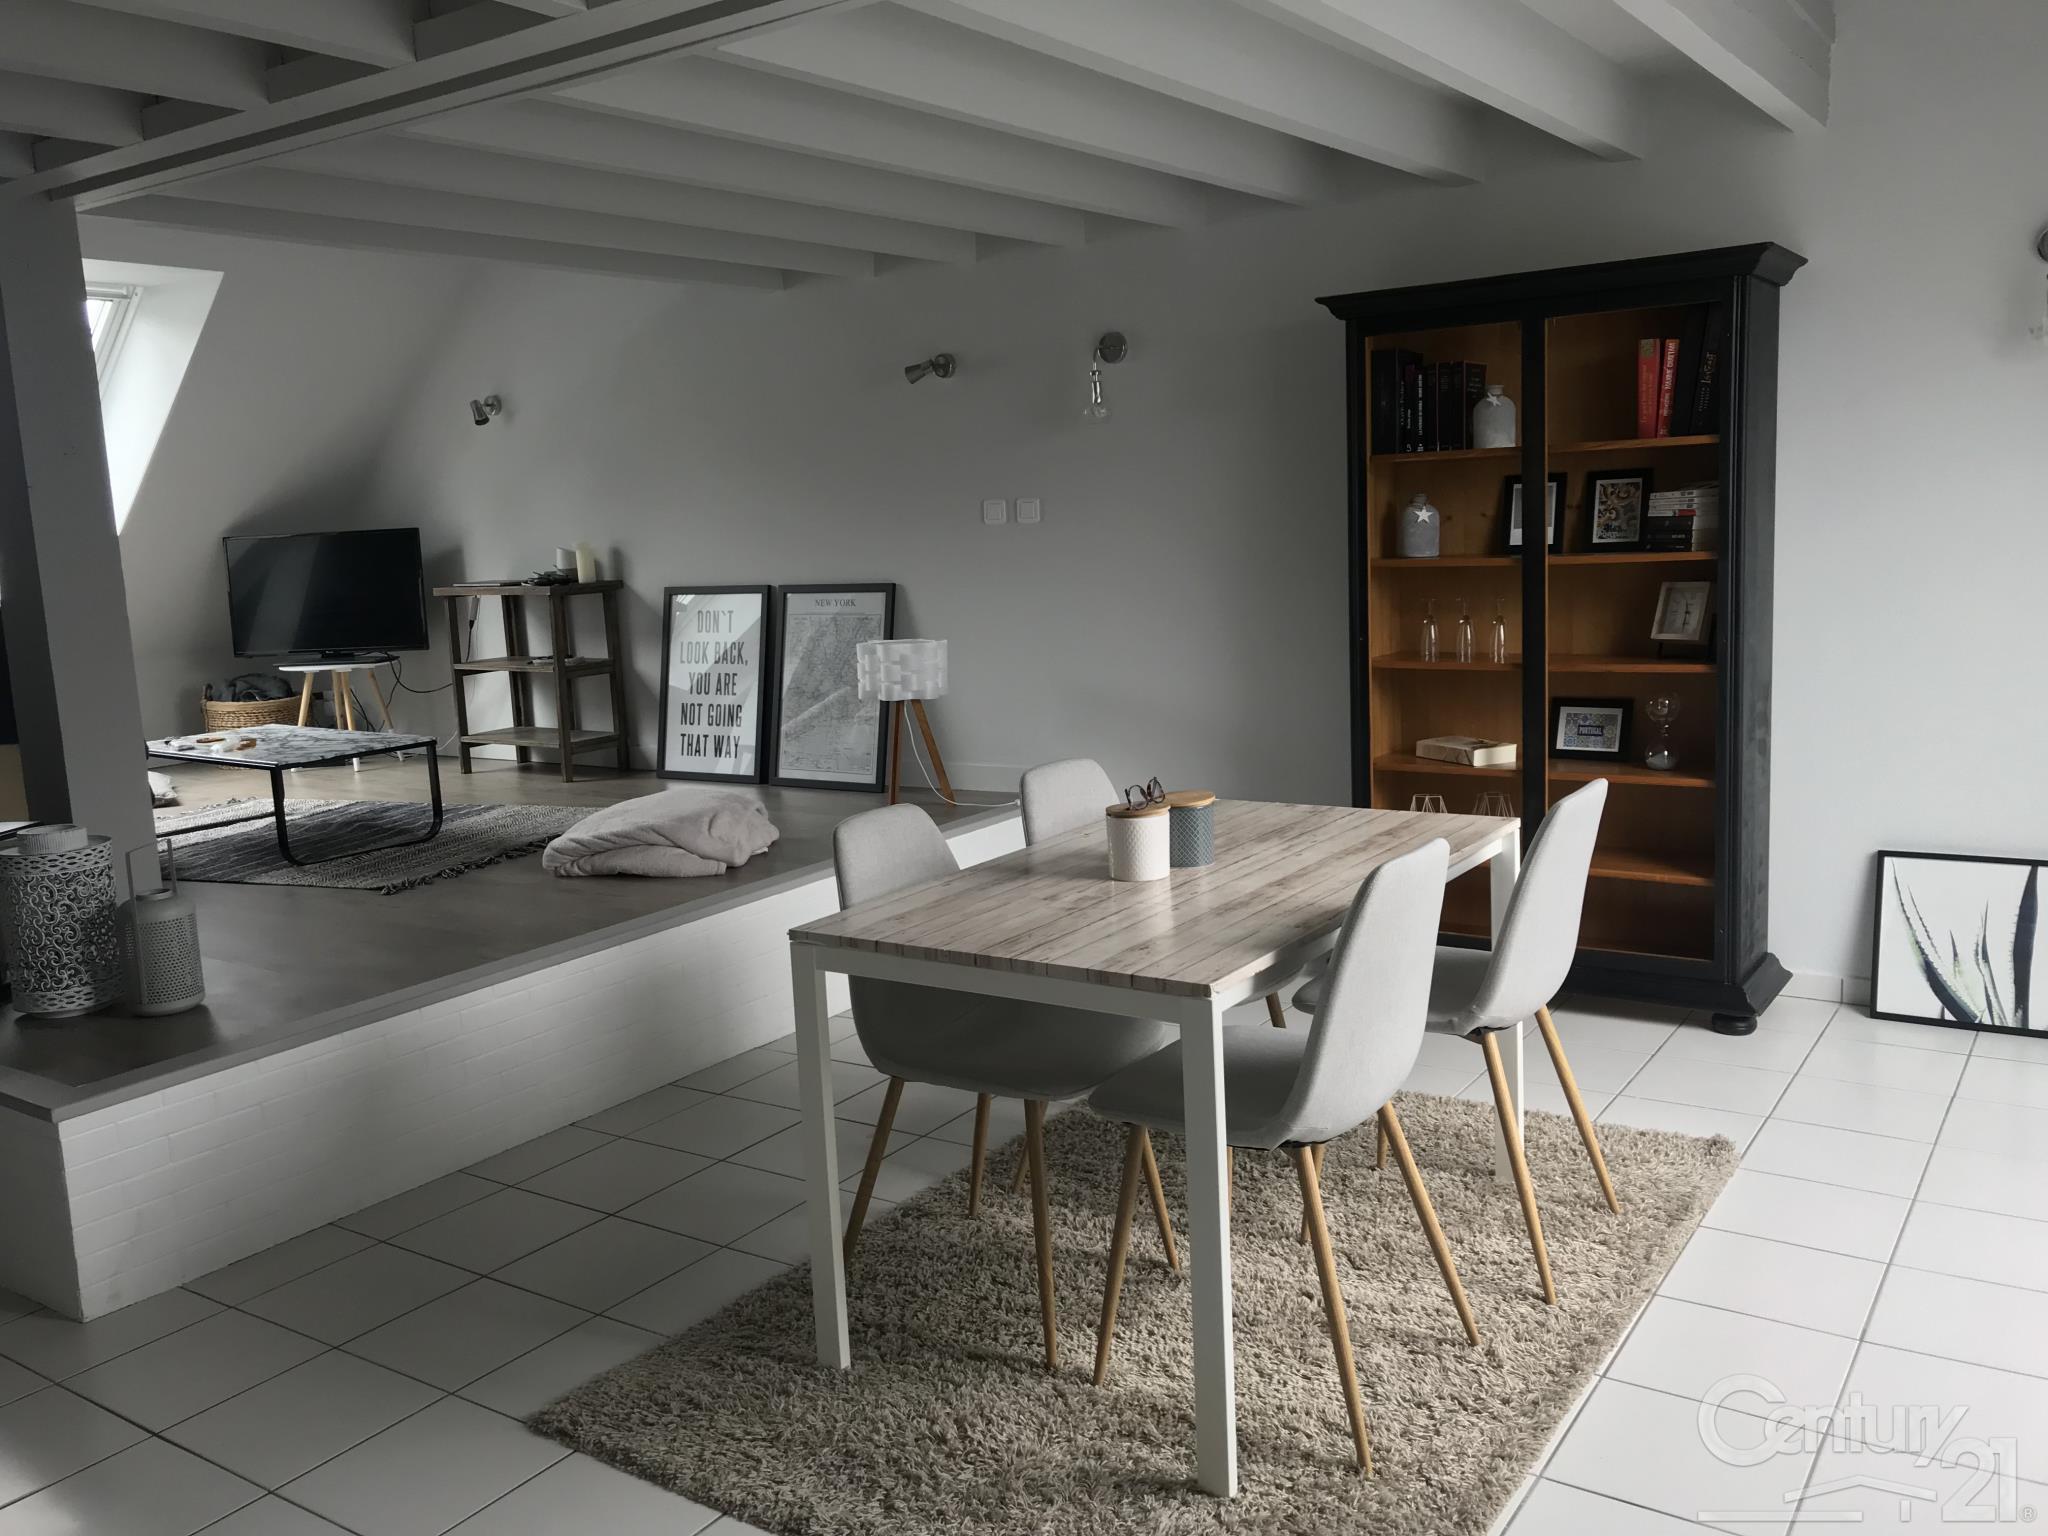 Appartement duplex à louer 3 pièces 66 m2 lorient 56 bretagne